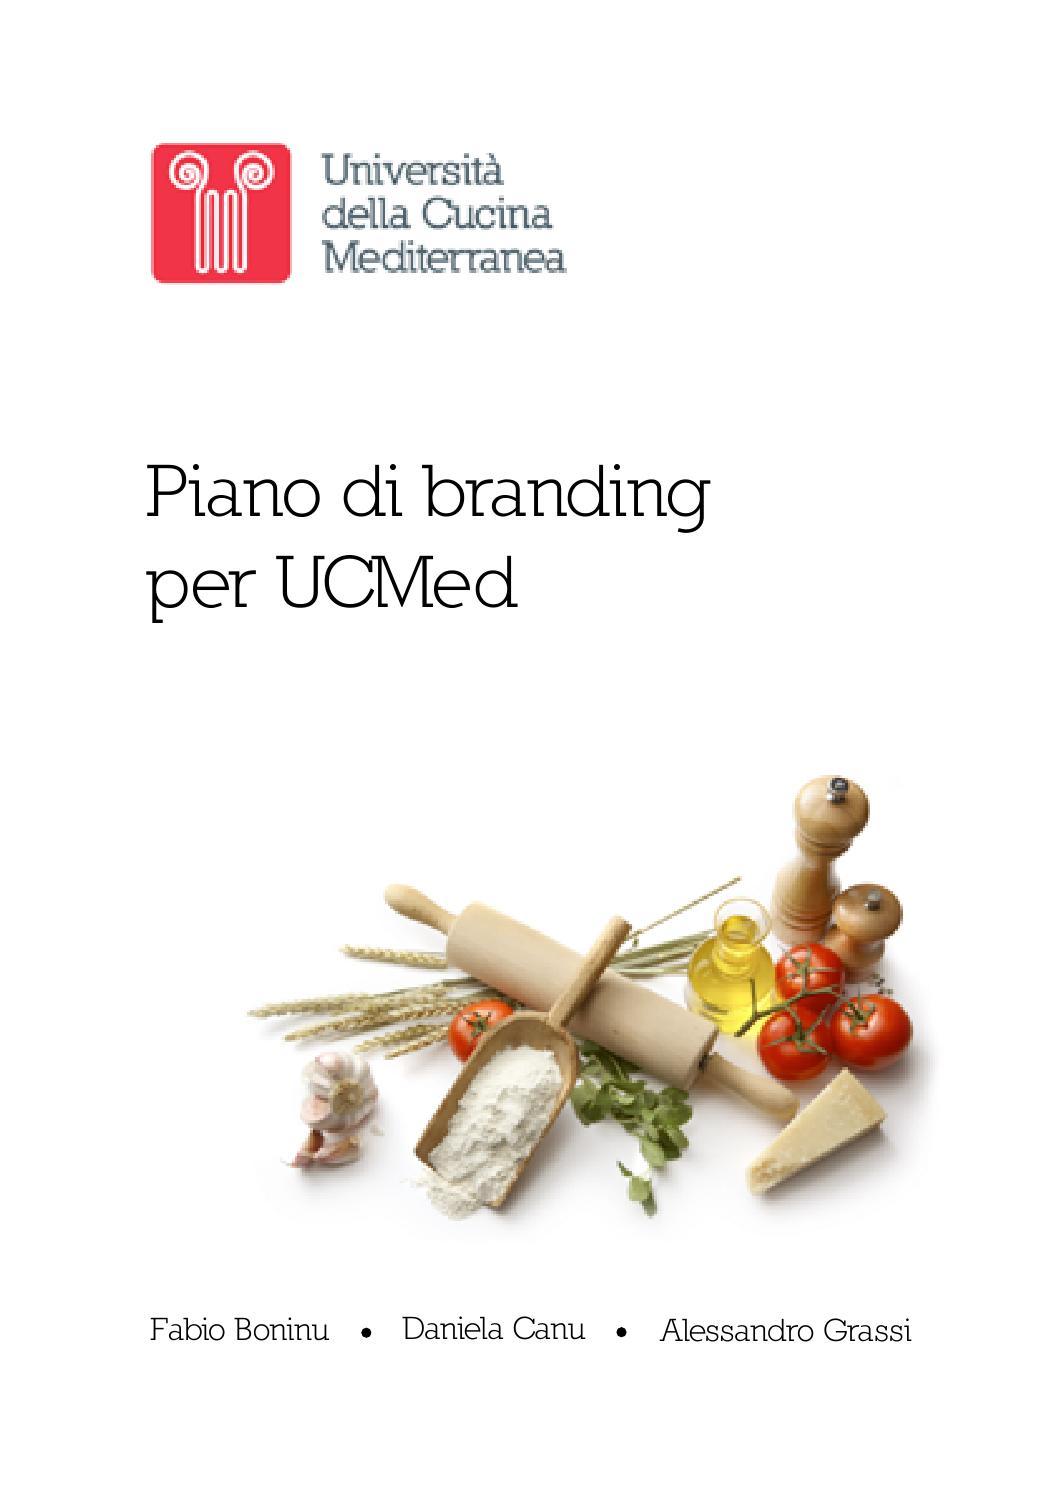 Piano strategico per UCMed – Università della Cucina Mediterranea by IED  Master Roma - issuu 7f84f585368e